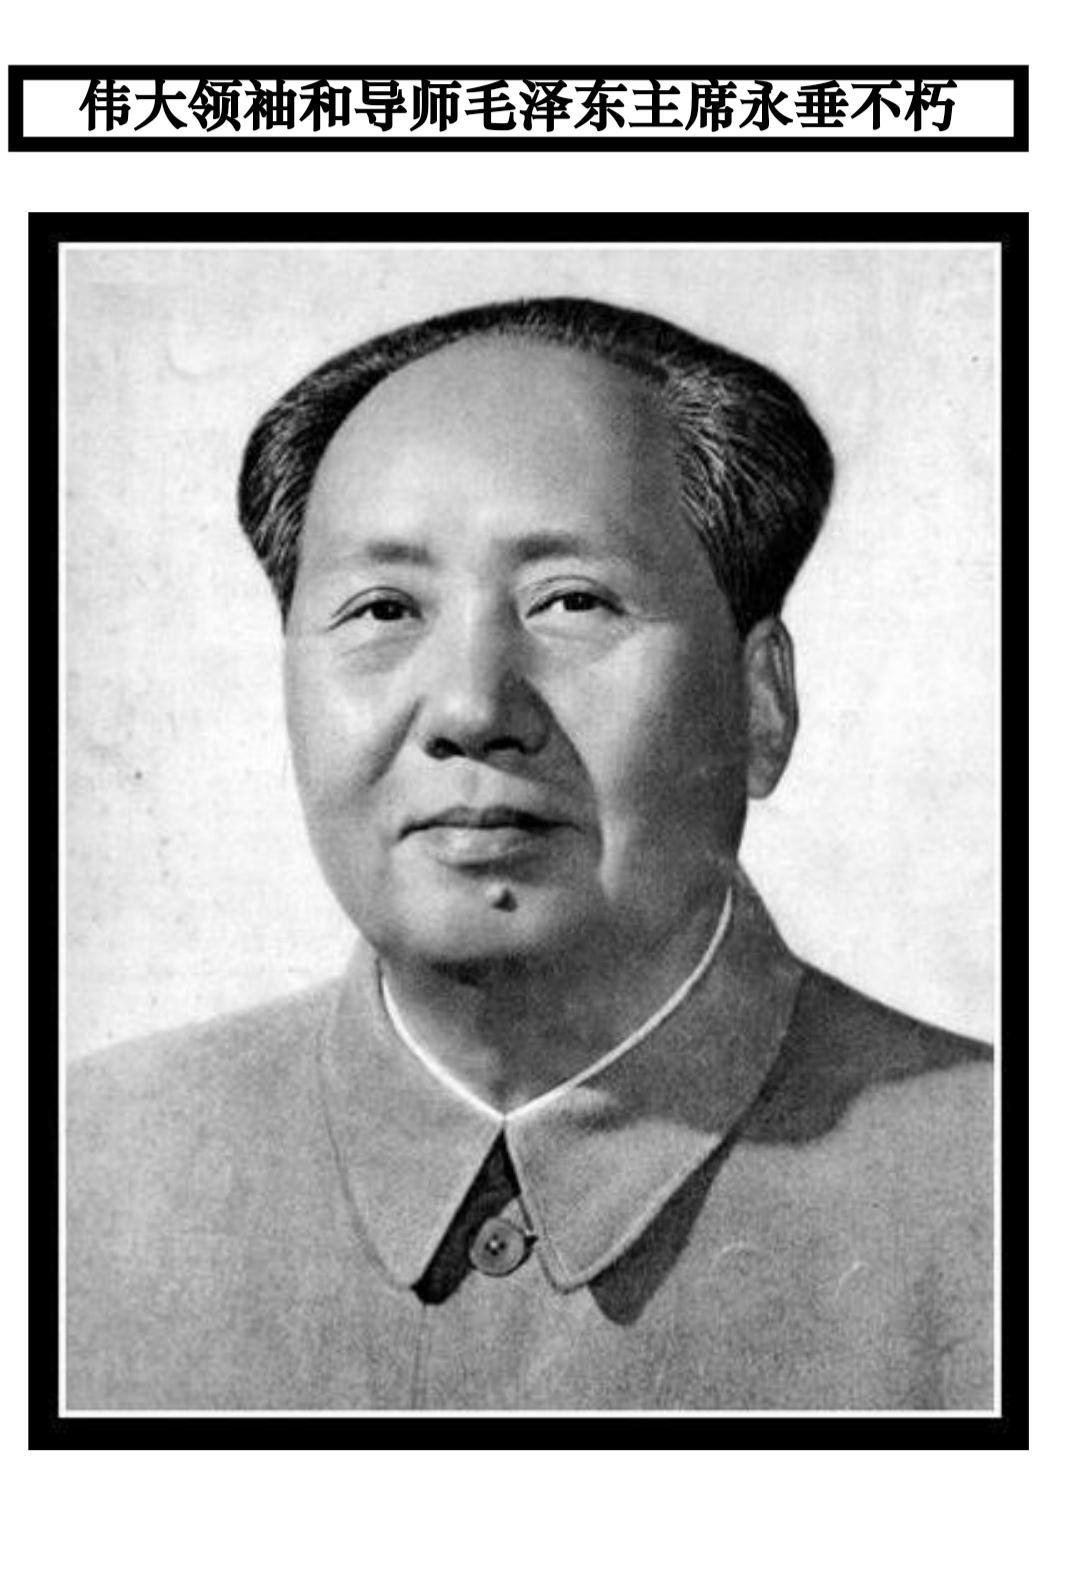 (伟大领袖毛主席逝世四十五周年)告全党全军全国各族人民书 1